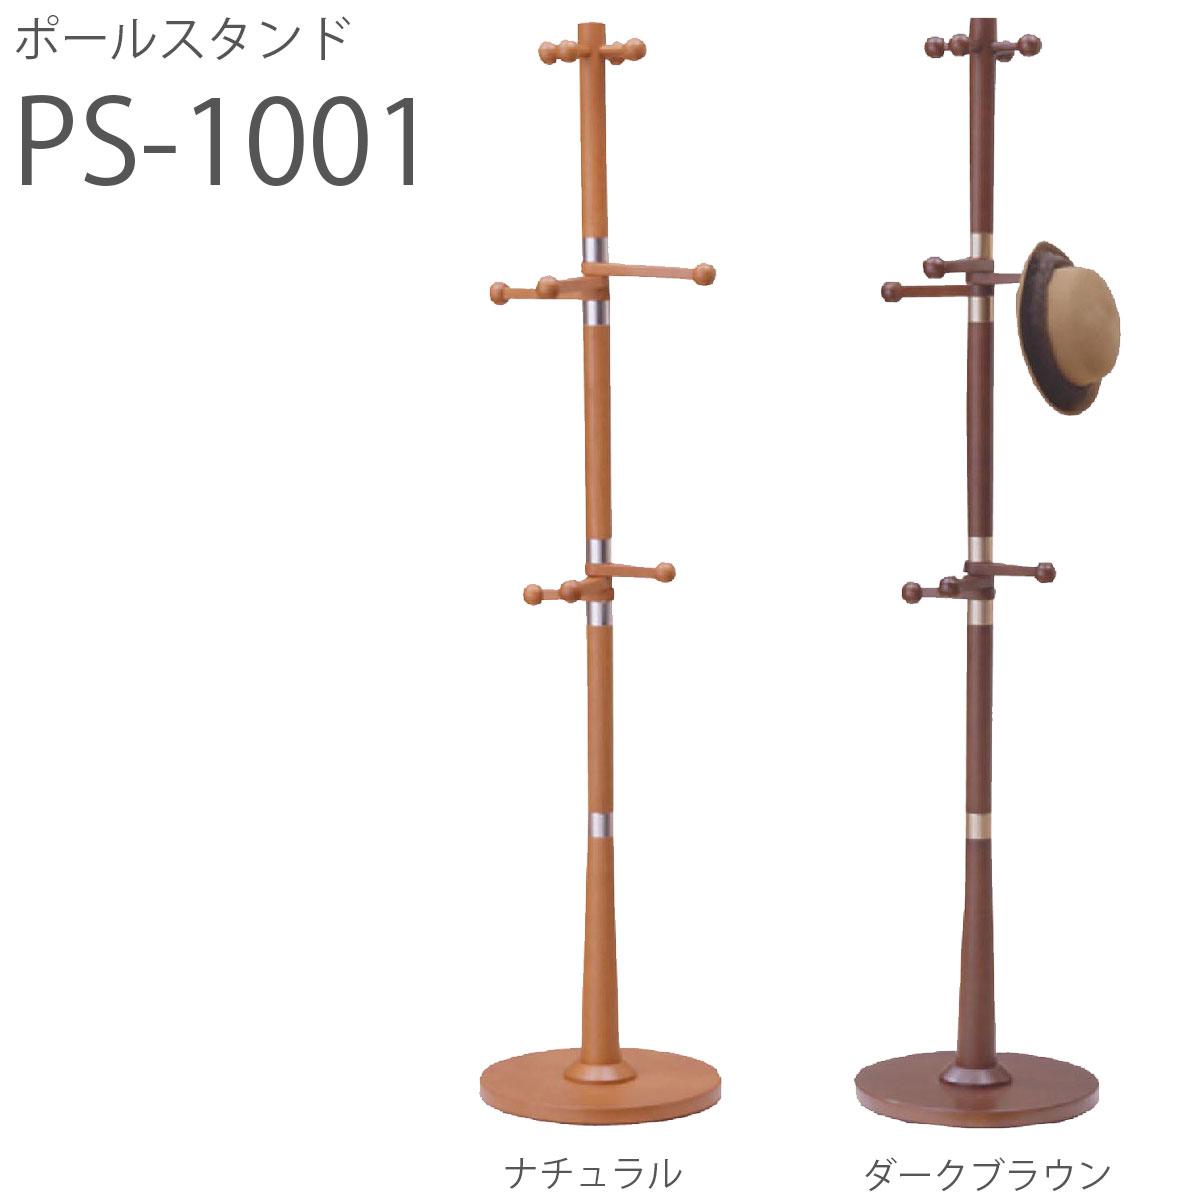 曙工芸製作所 ハンガー&ポールスタンド ポールスタンド ナチュラル ダークブラウン PS-1001CD PS-1001DO